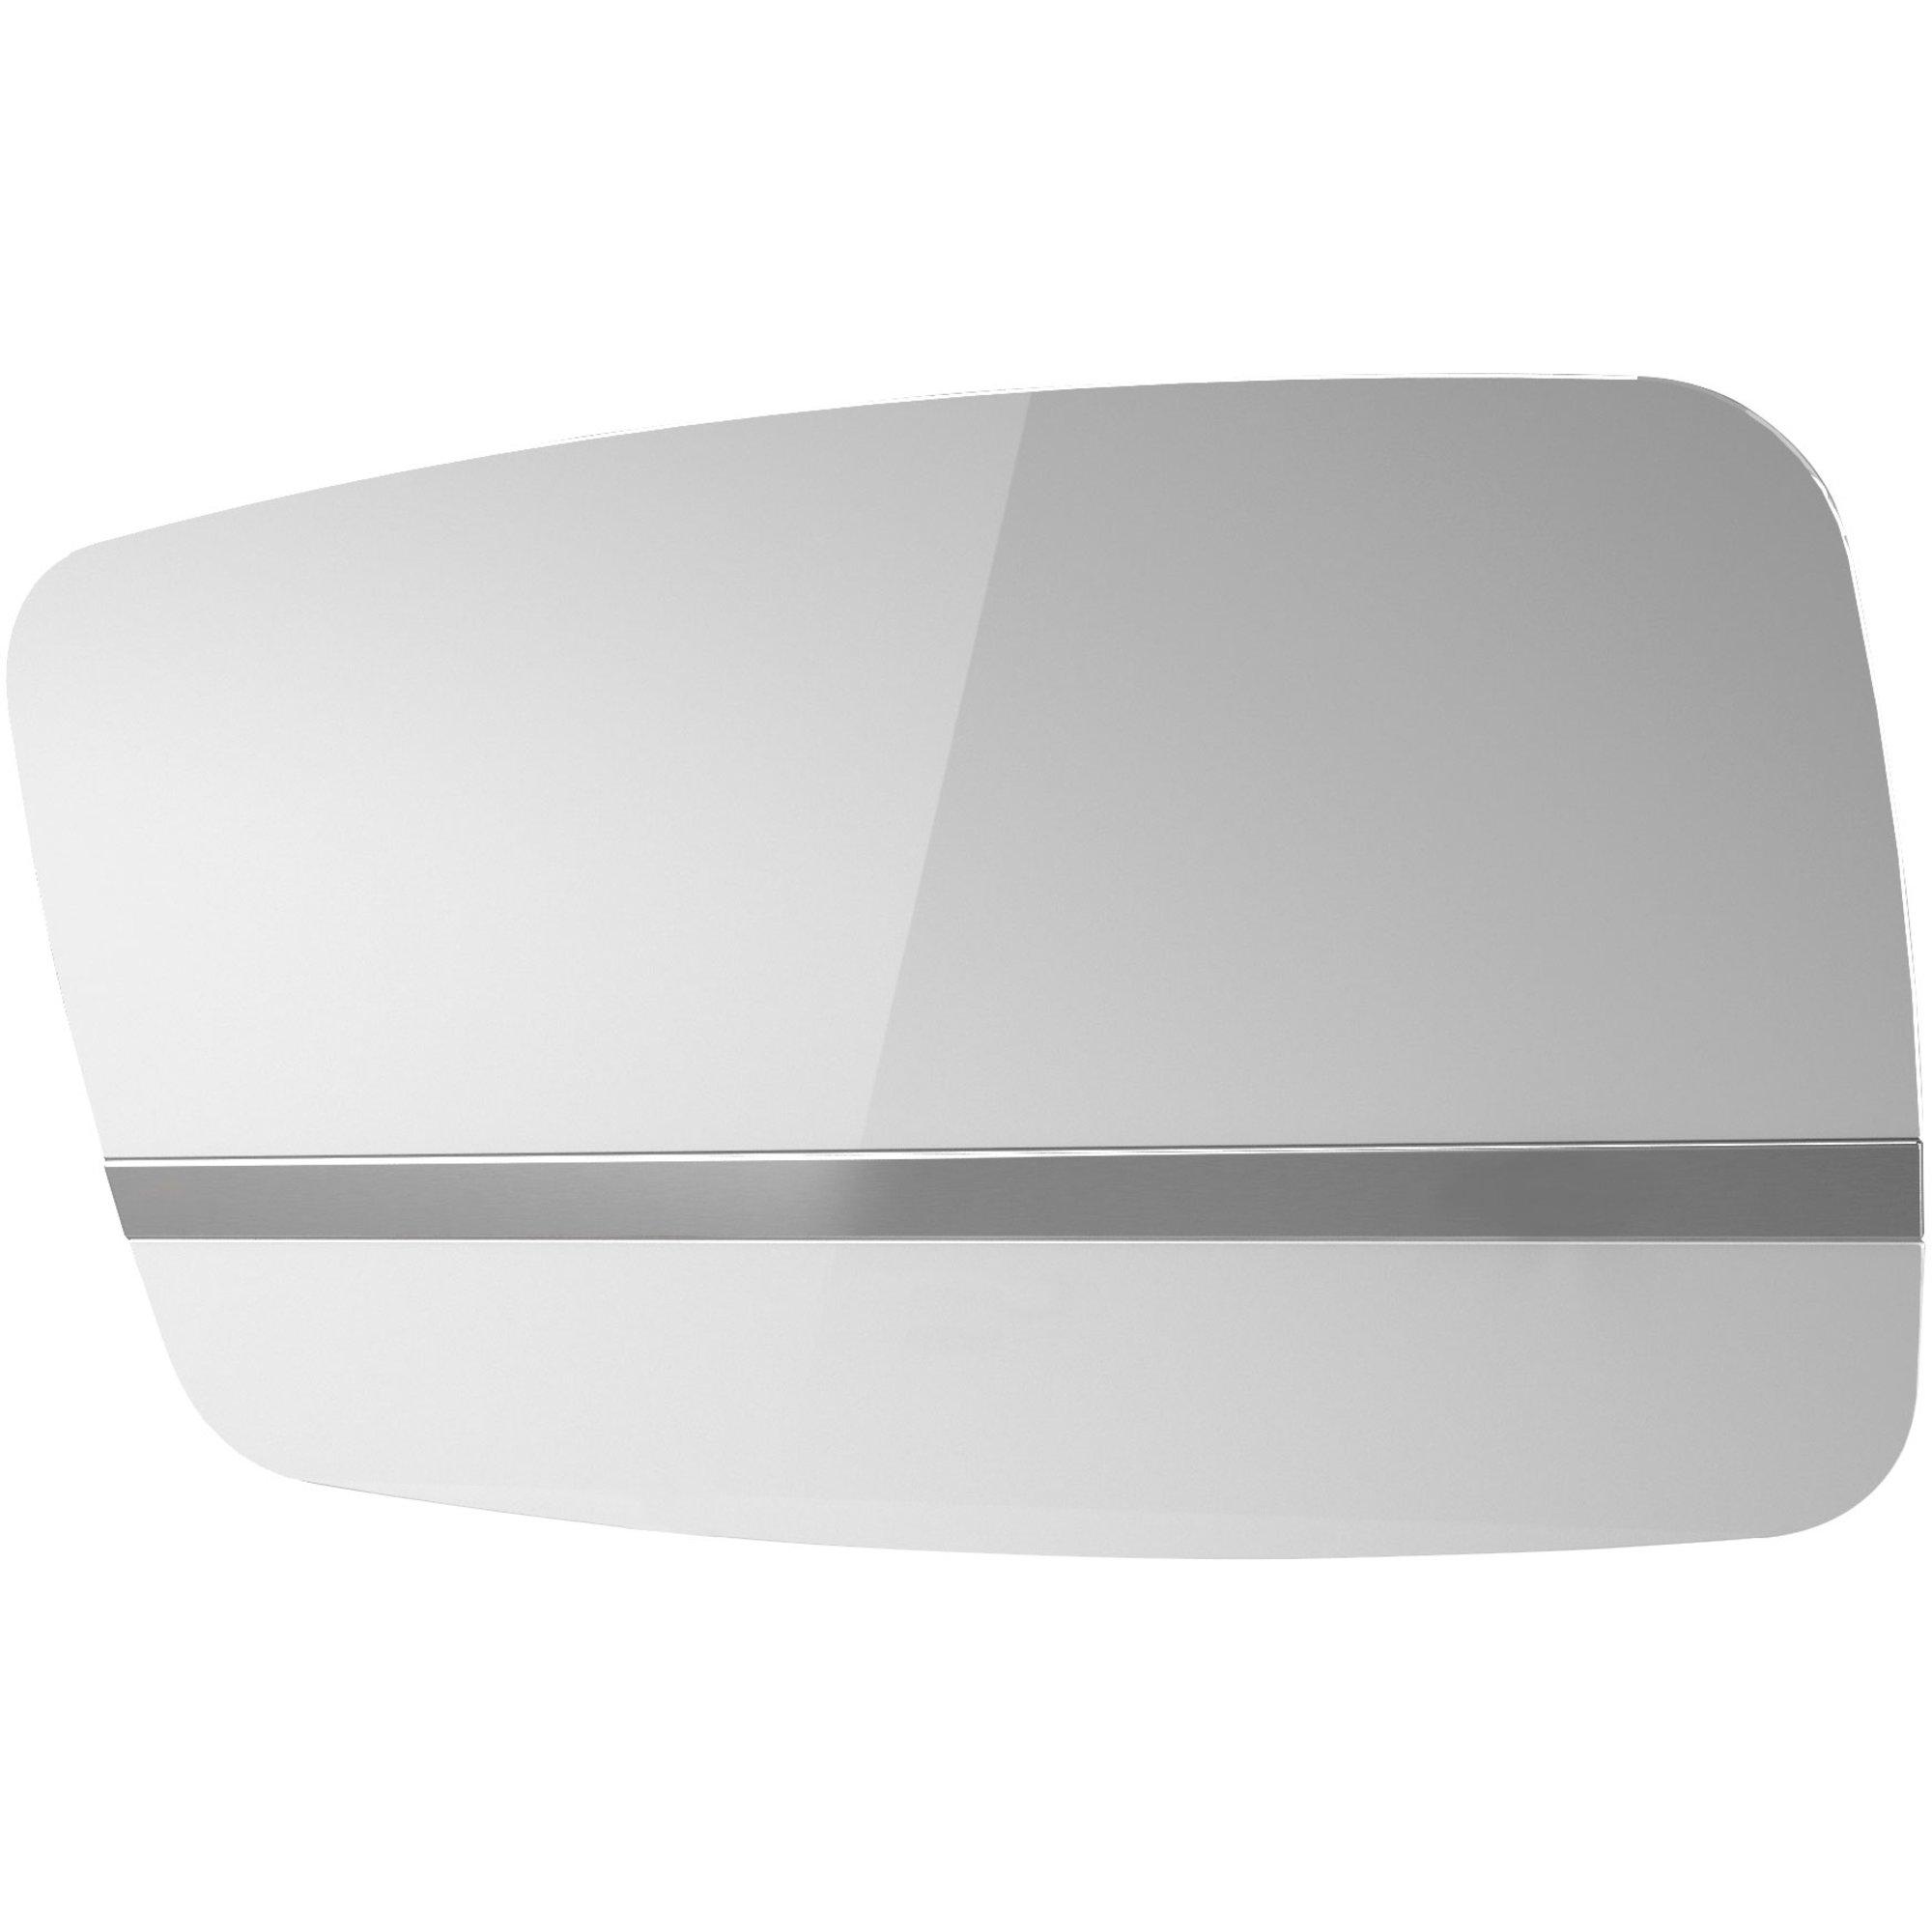 Witt 80-2 Vision väggfläkt vit